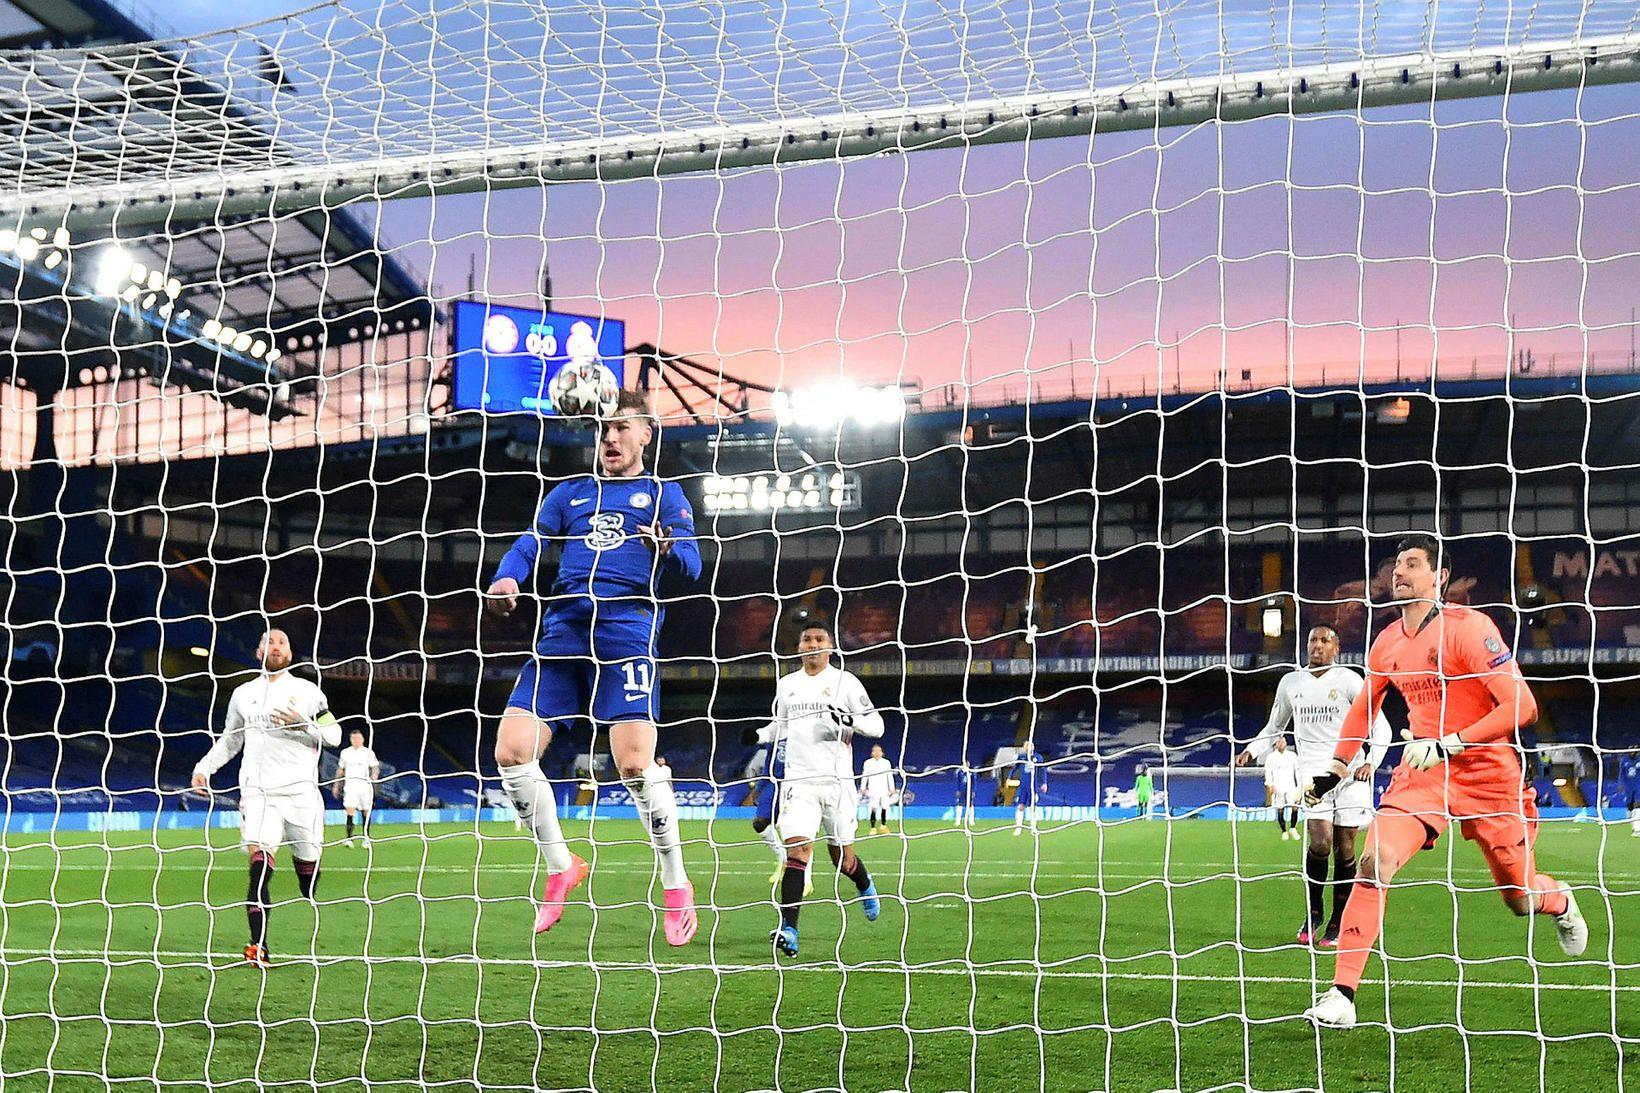 Timo Werner kemur Chelsea yfir í leiknum í kvöld.